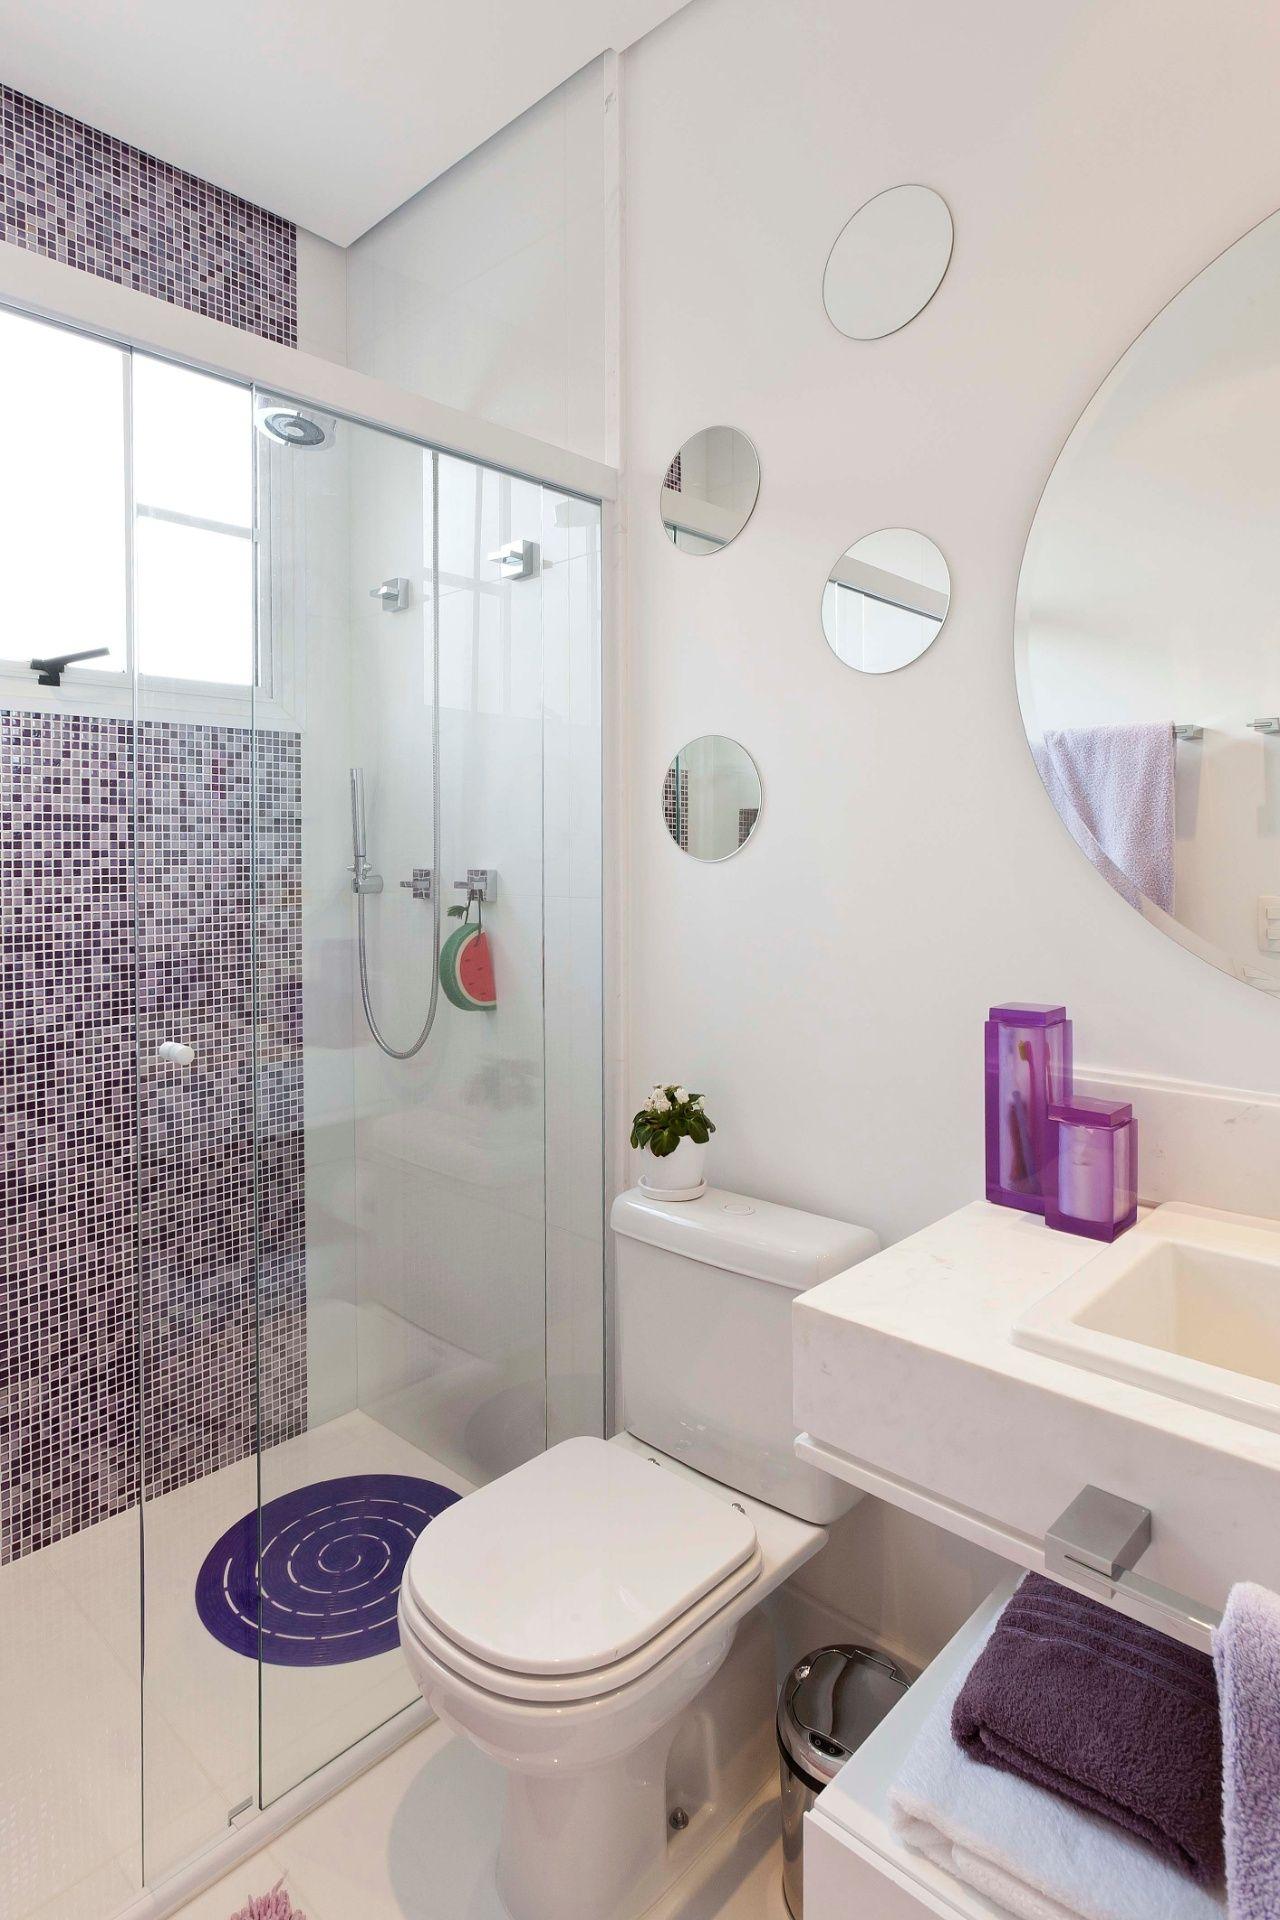 Banheiros pequenos dicas de decoração para quem tem pouco espaço -> Dicas De Decoracao De Banheiro Pequeno